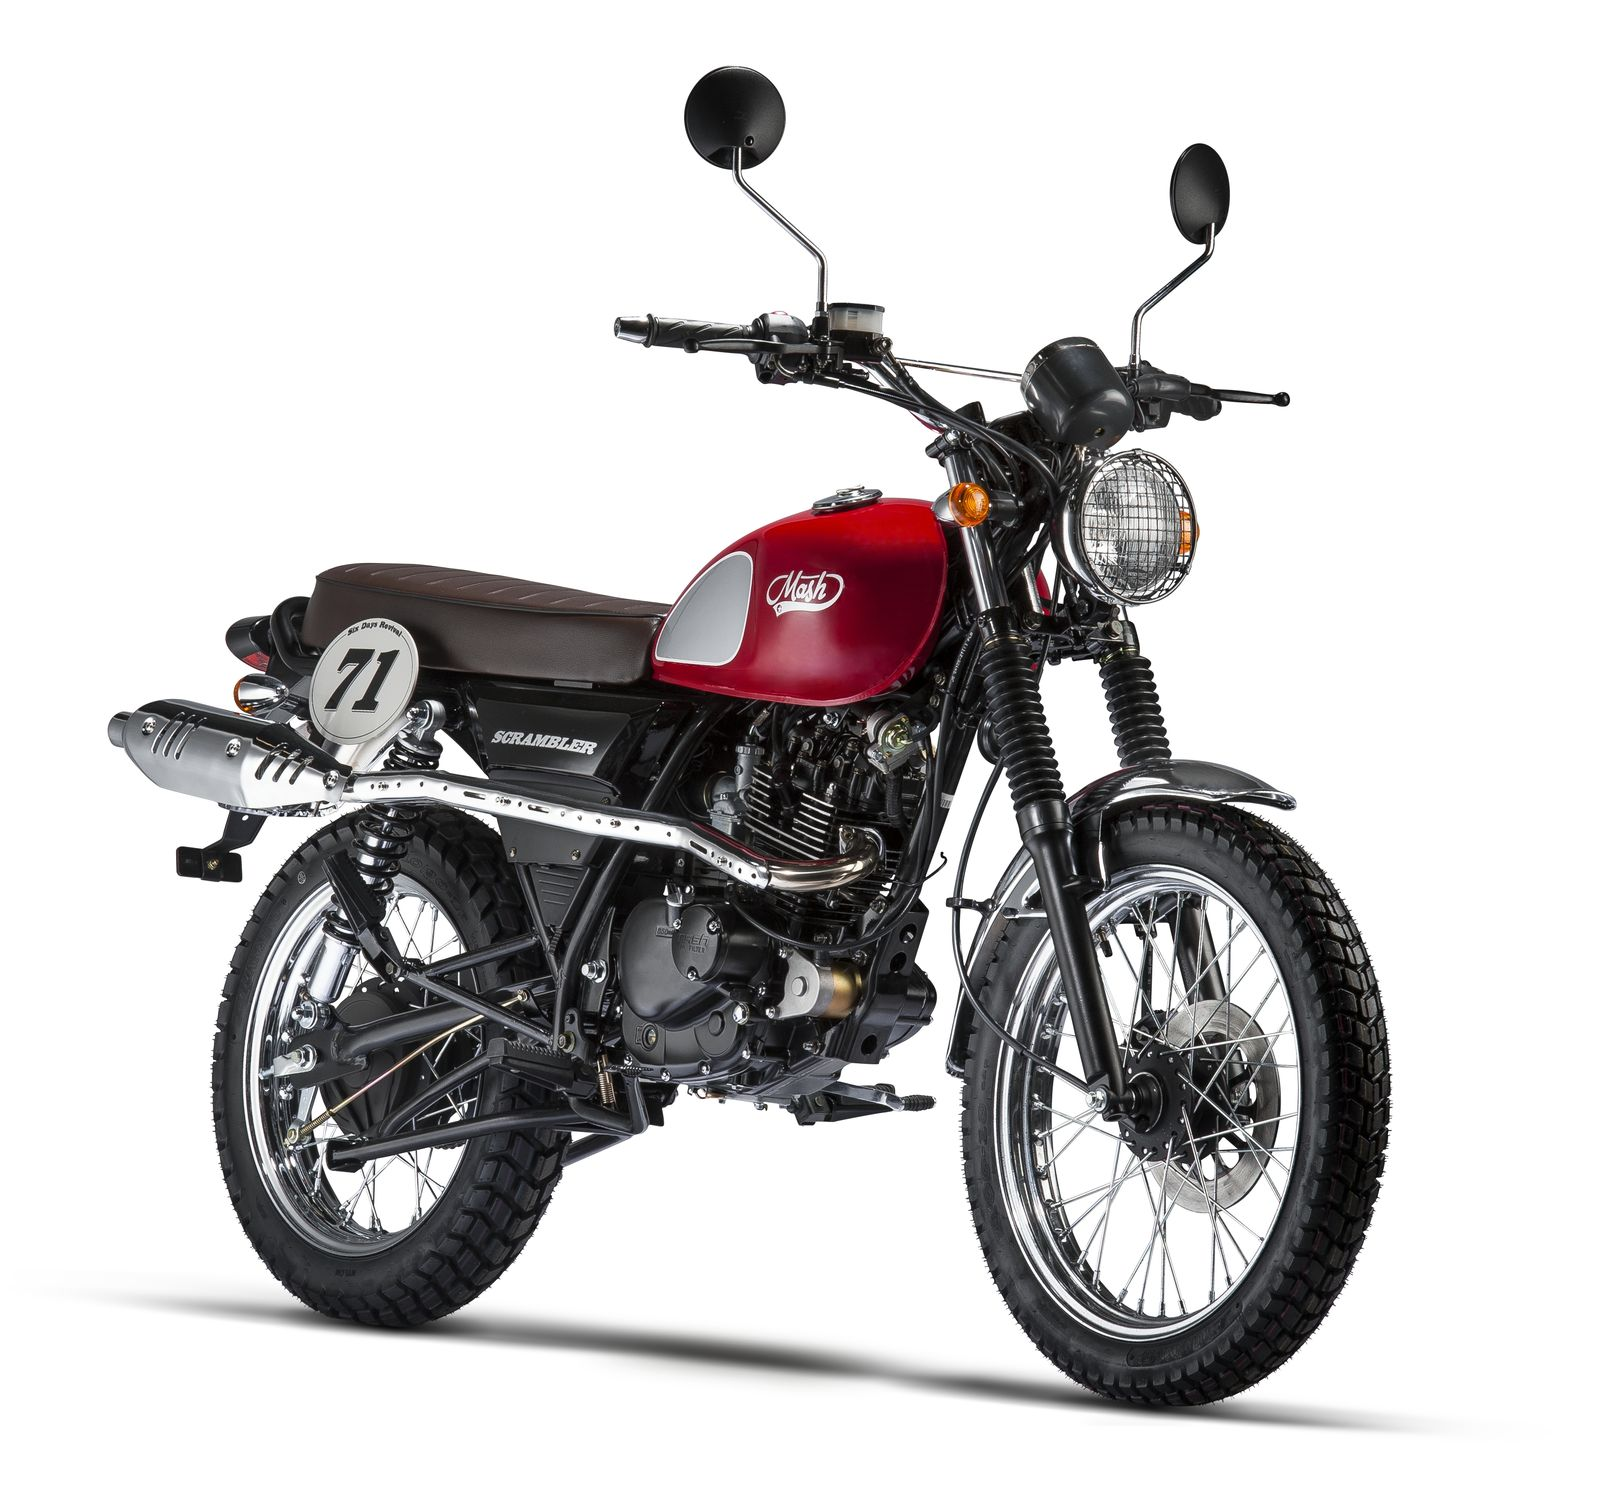 tendance roadster a choisi de distribuer la gamme des motos 125cc et des scooters de la marque. Black Bedroom Furniture Sets. Home Design Ideas